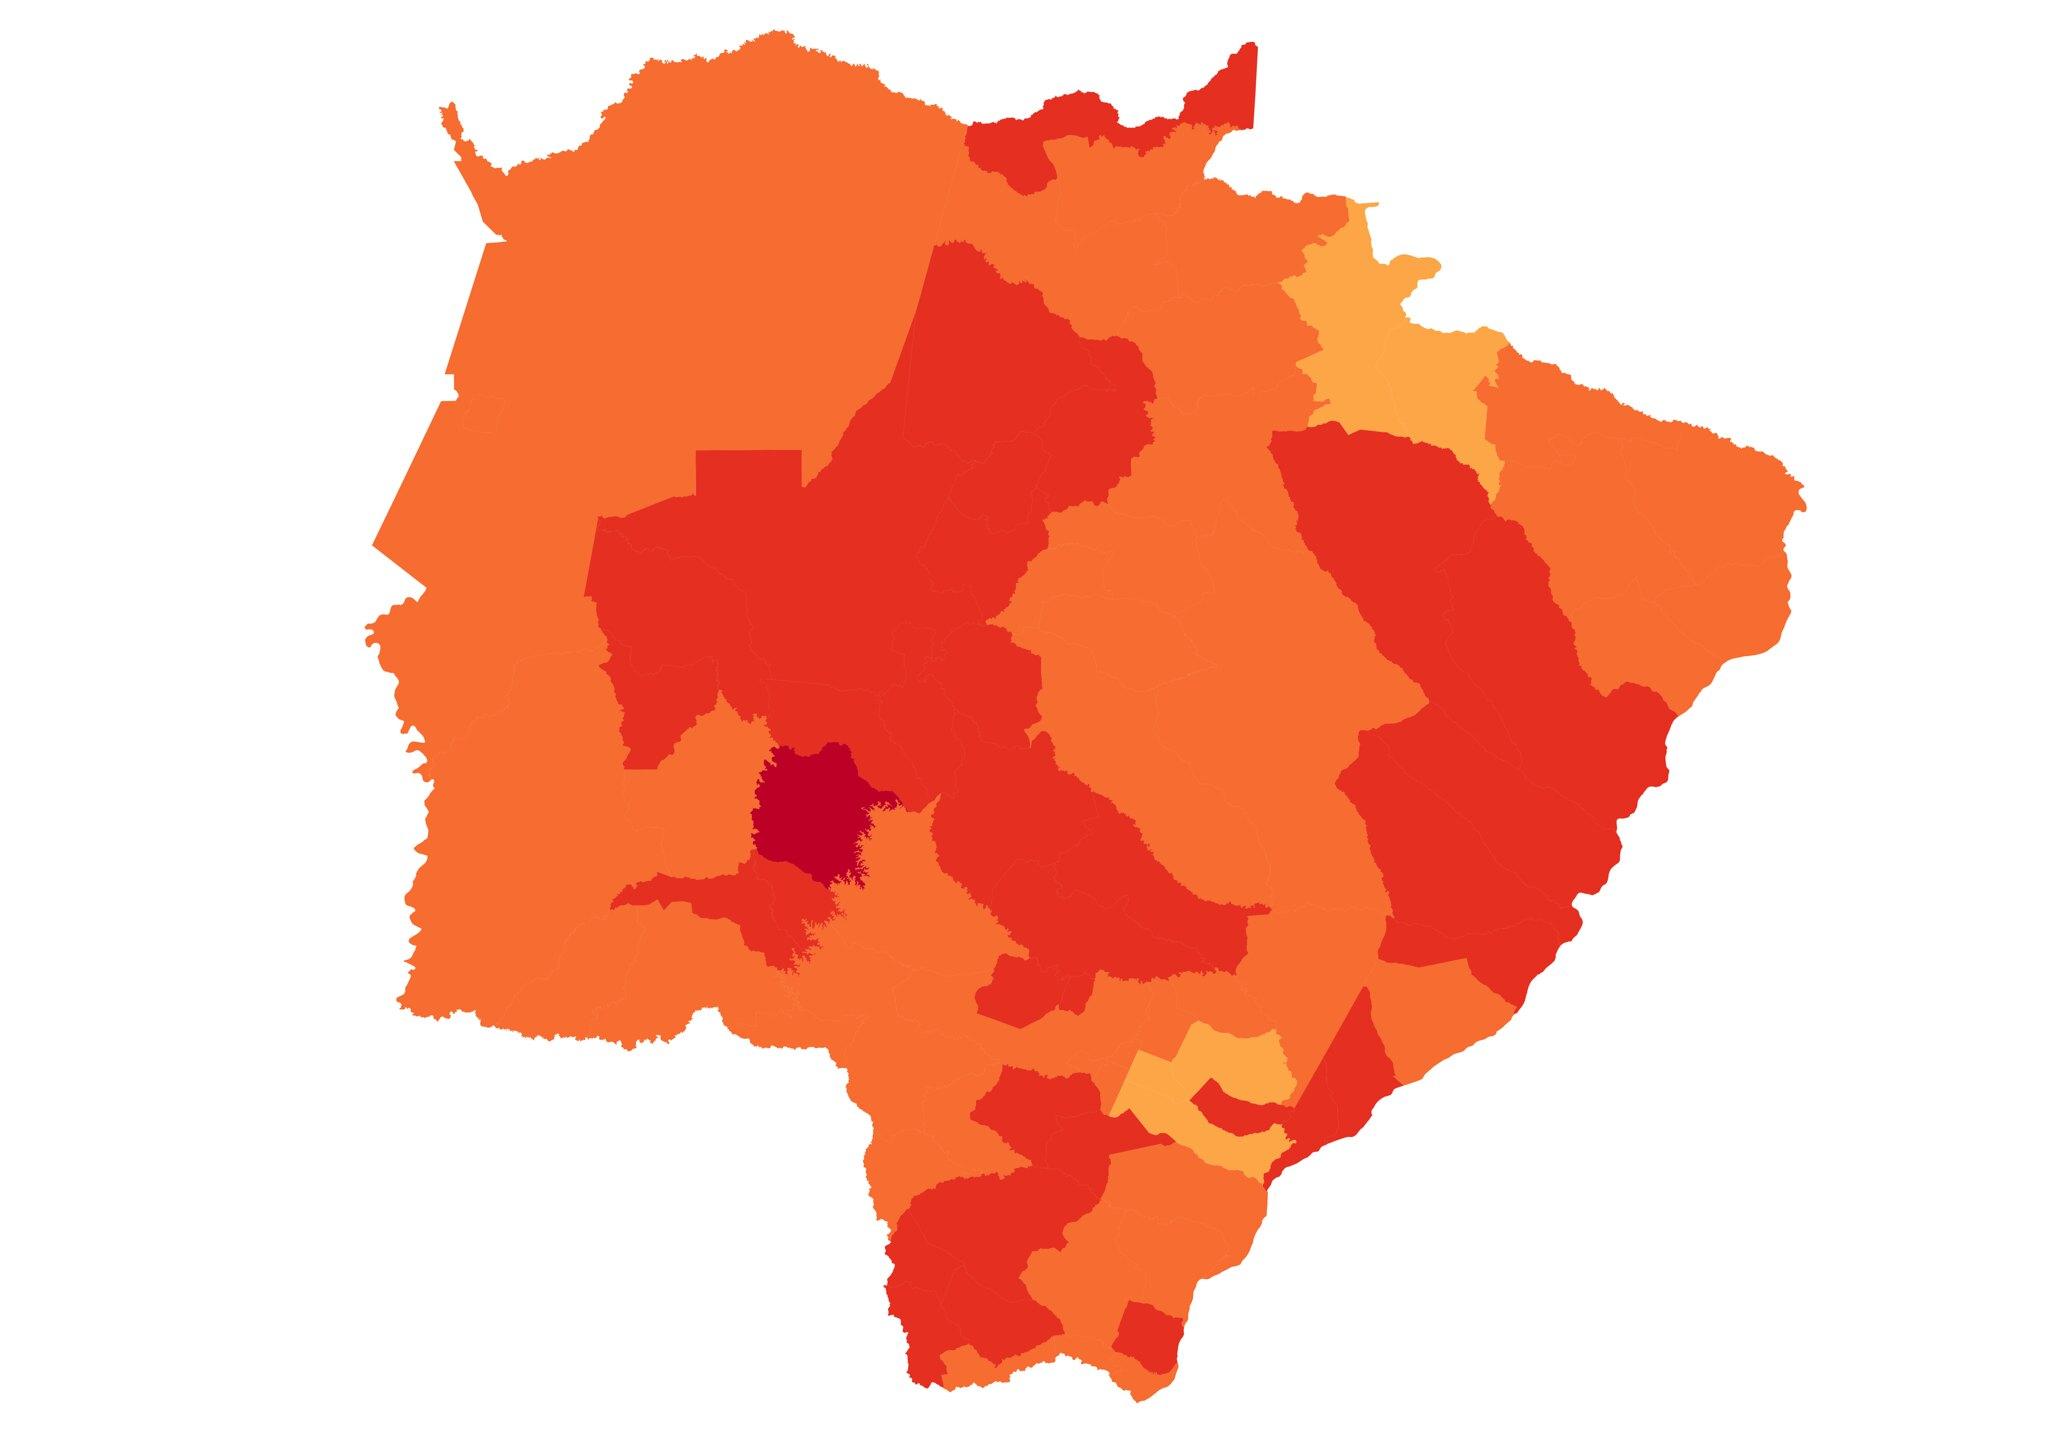 Ferramenta mapeia municípios do Mato Grosso do Sul vulneráveis à mudança do clima